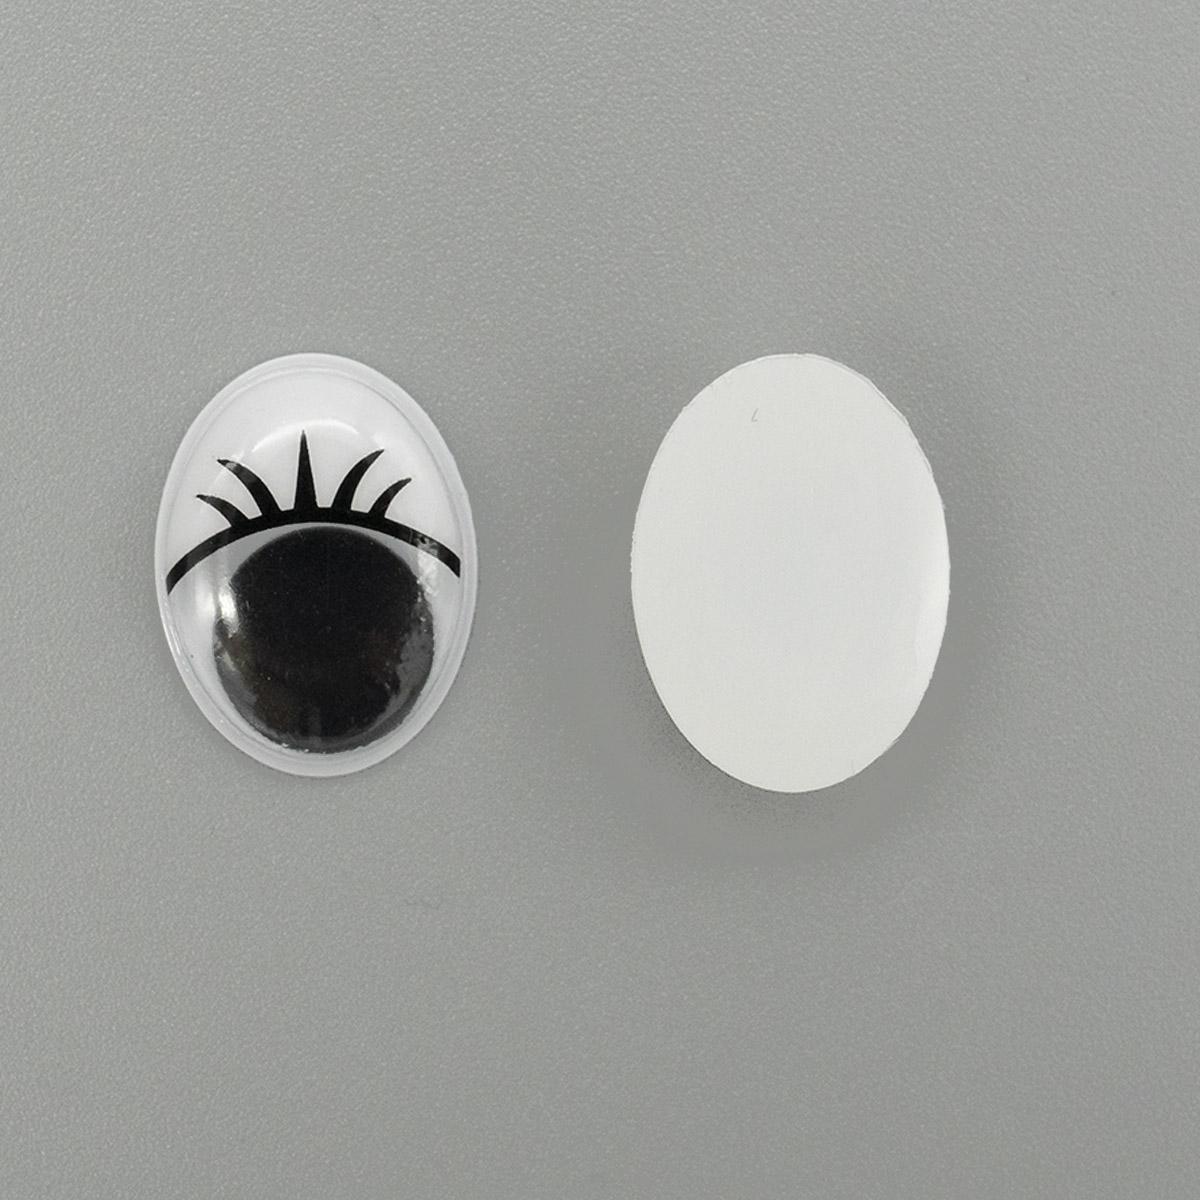 AR1616 Глаза овальные с ресничками 14*18мм, 20шт/упак